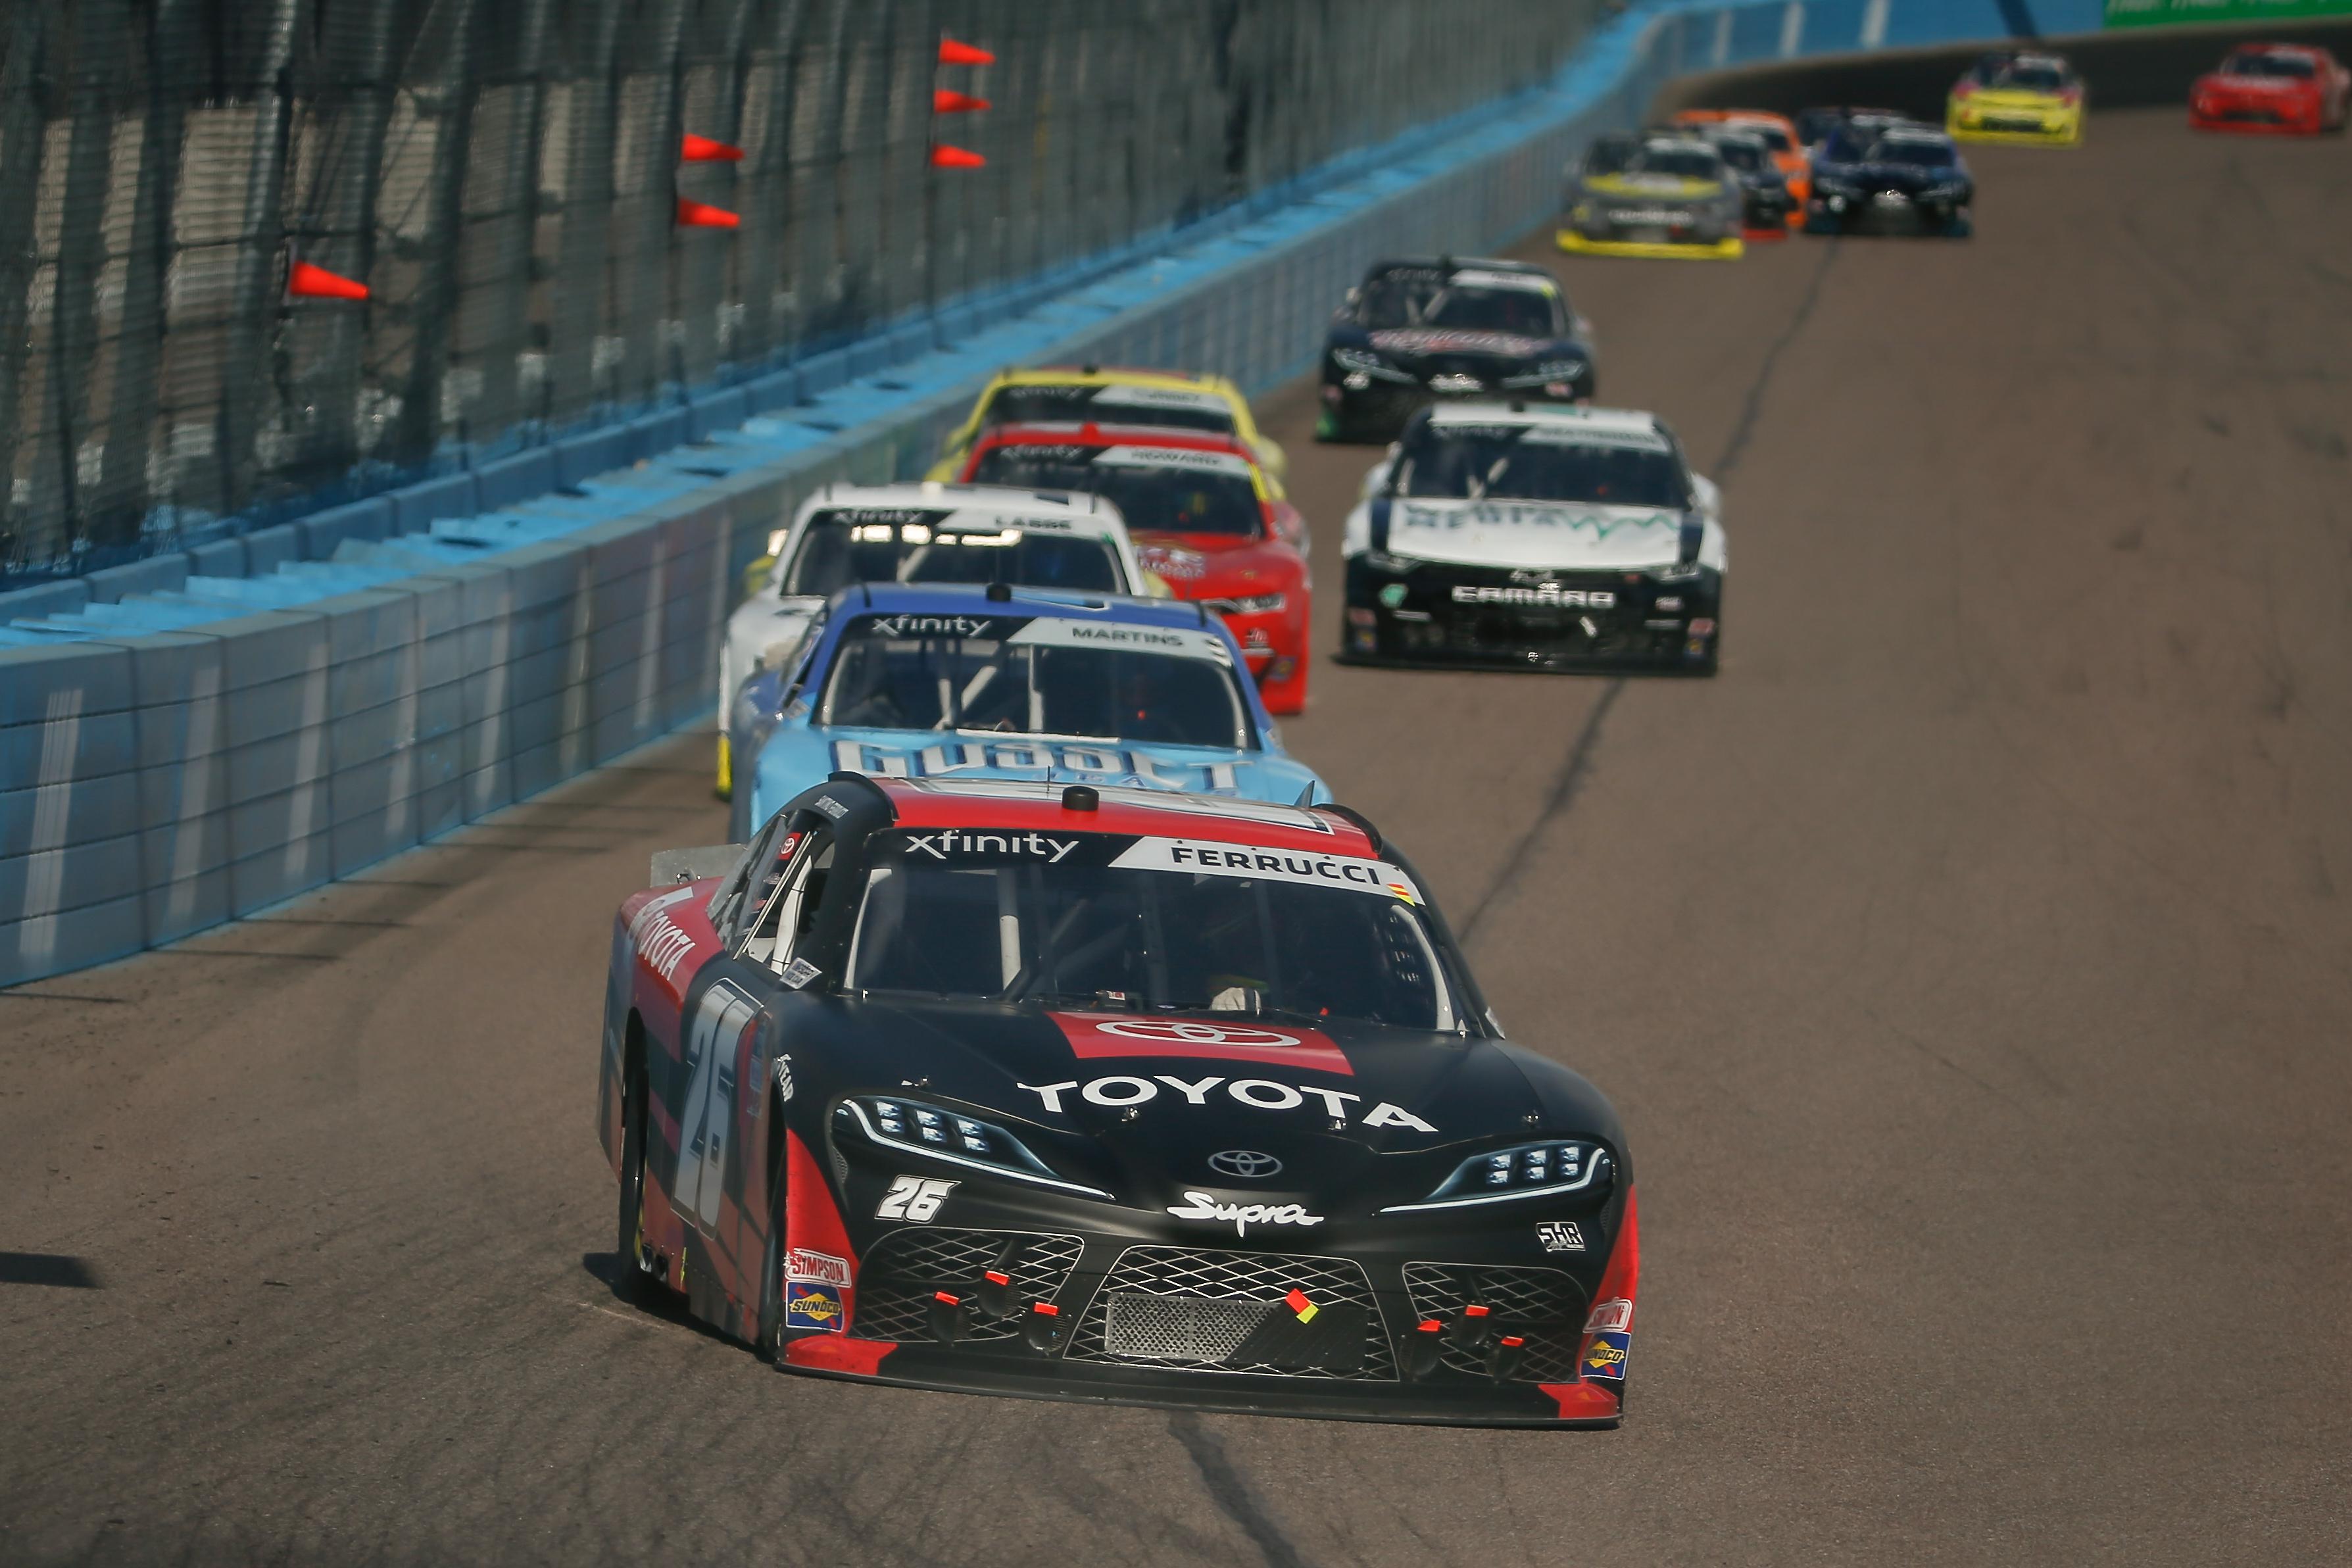 桑蒂诺·费鲁奇,26号萨姆·亨特赛车液压技术公司丰田Supra的车手,正在亚利桑那州菲尼克斯市的凤凰ISM赛道上参加2021年3月13日的Call 811 Before You Dig 200 Nascar Xfinity系列赛。